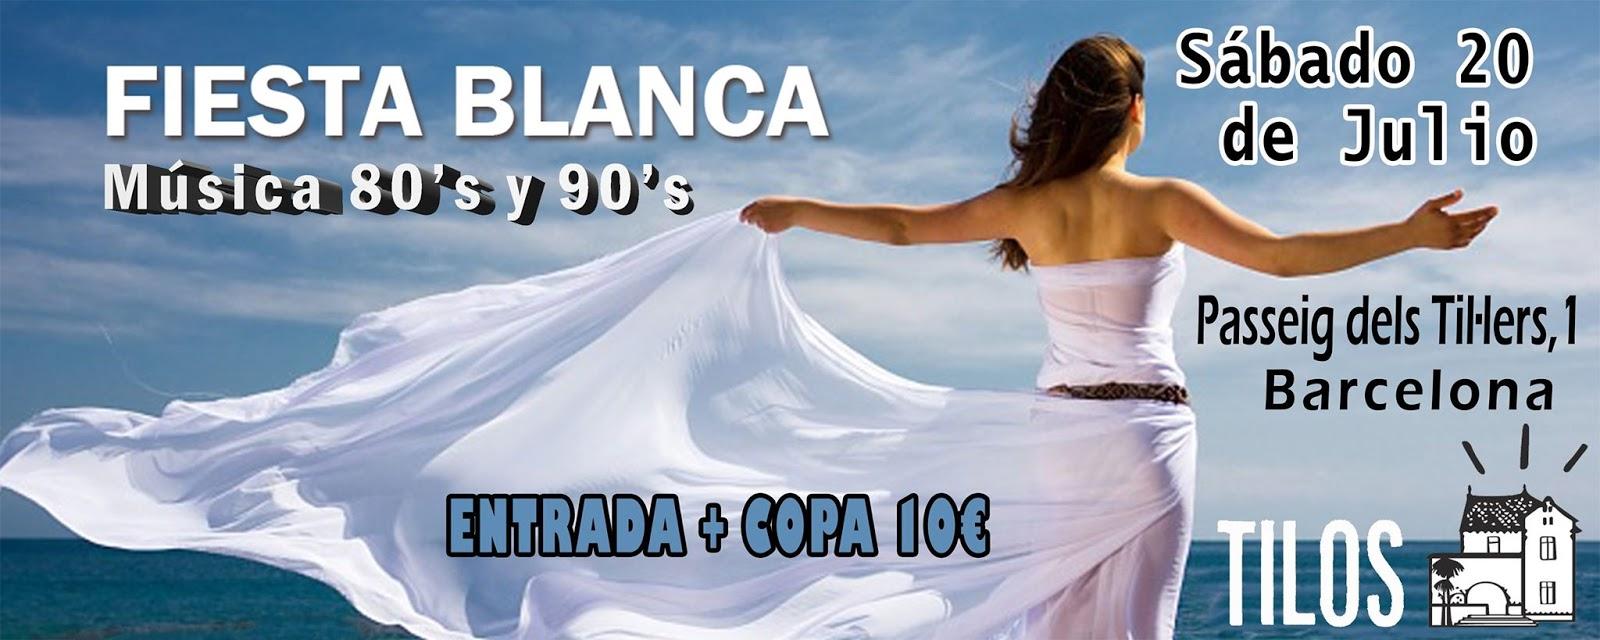 Flyer Fiesta Blanca 80s y 90s en Los Tilos